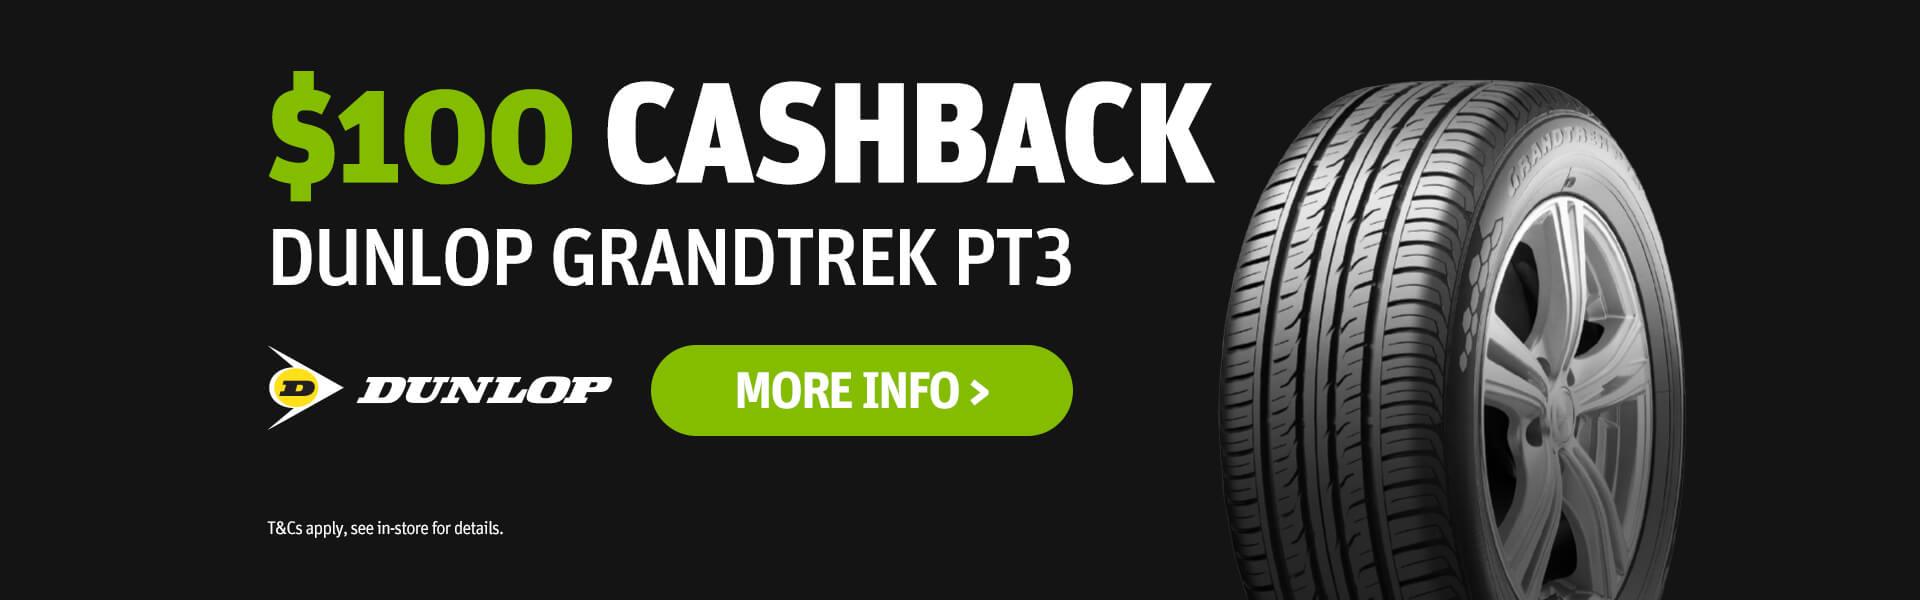 Dunlop Grandtrek PT3 $50/$100 Cashback Promotion